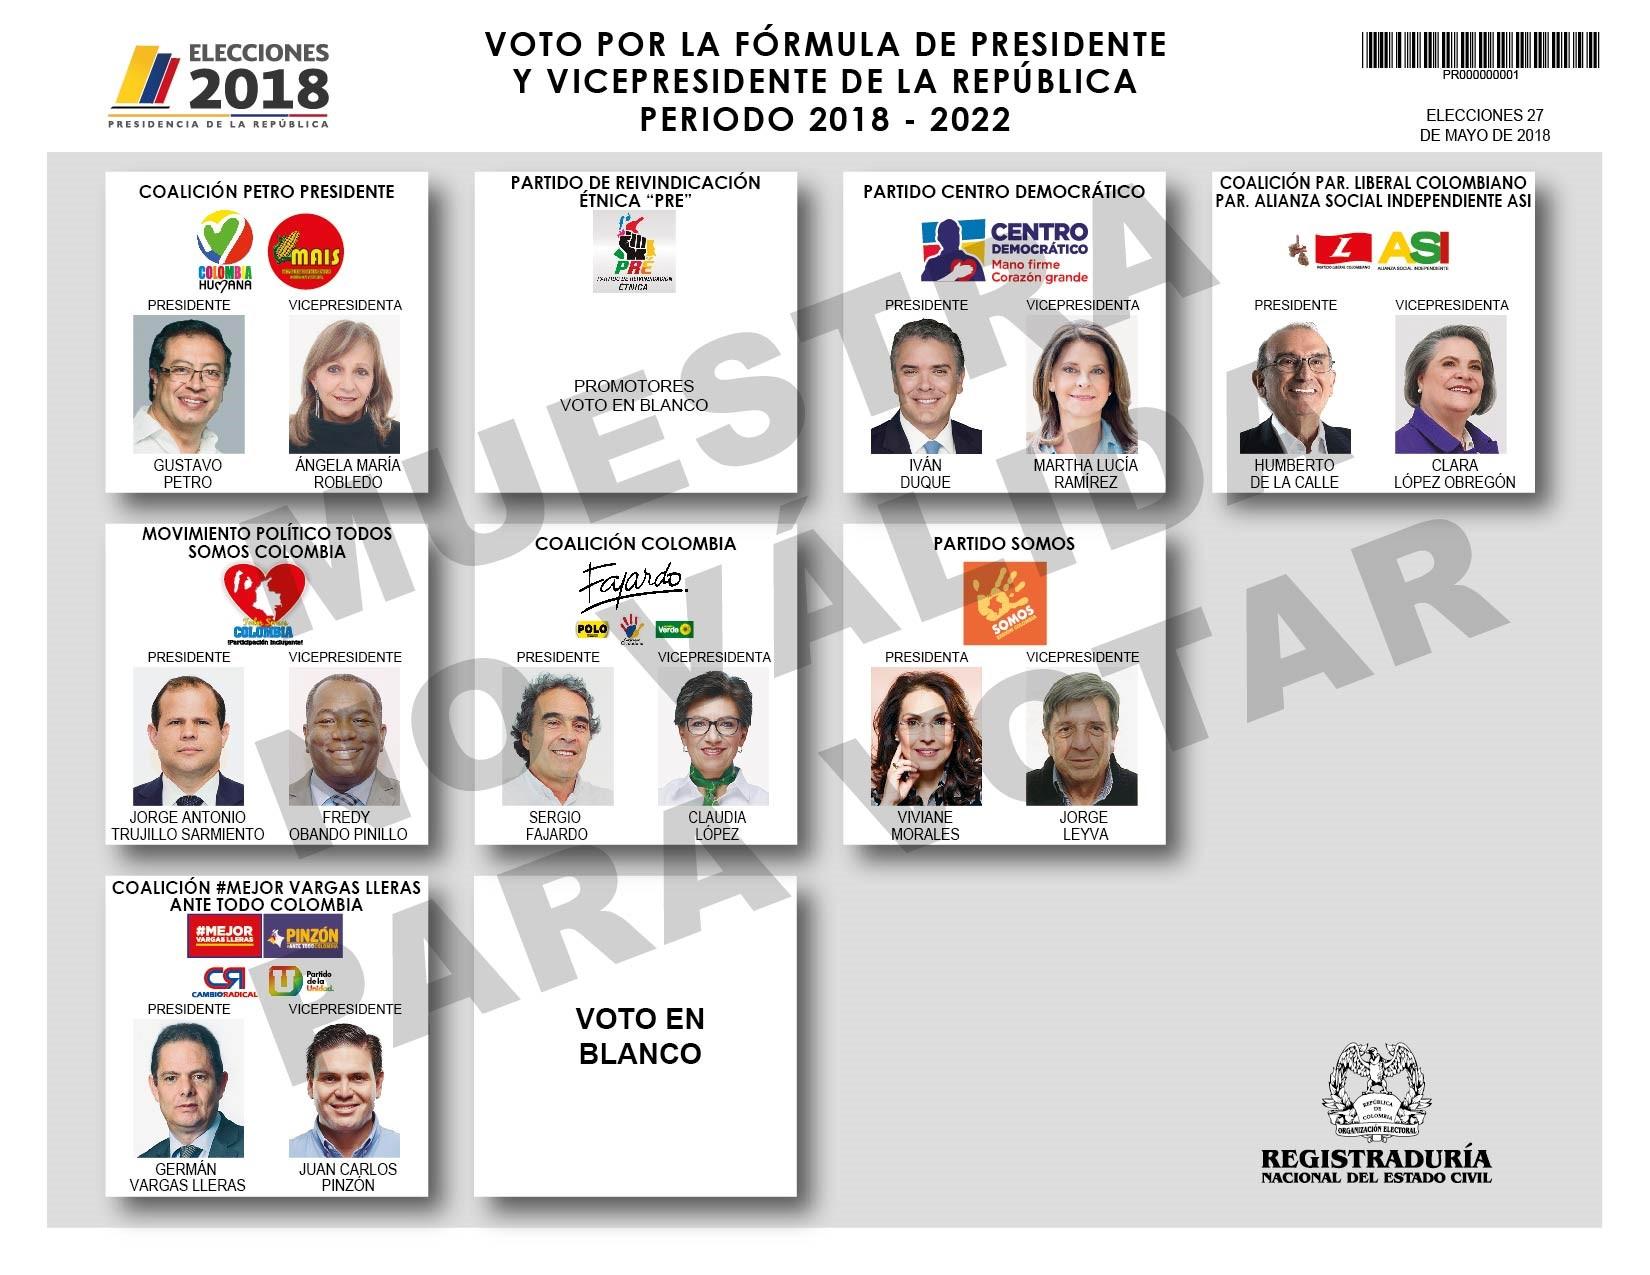 Tarjeta Electoral - Elecciones 2018